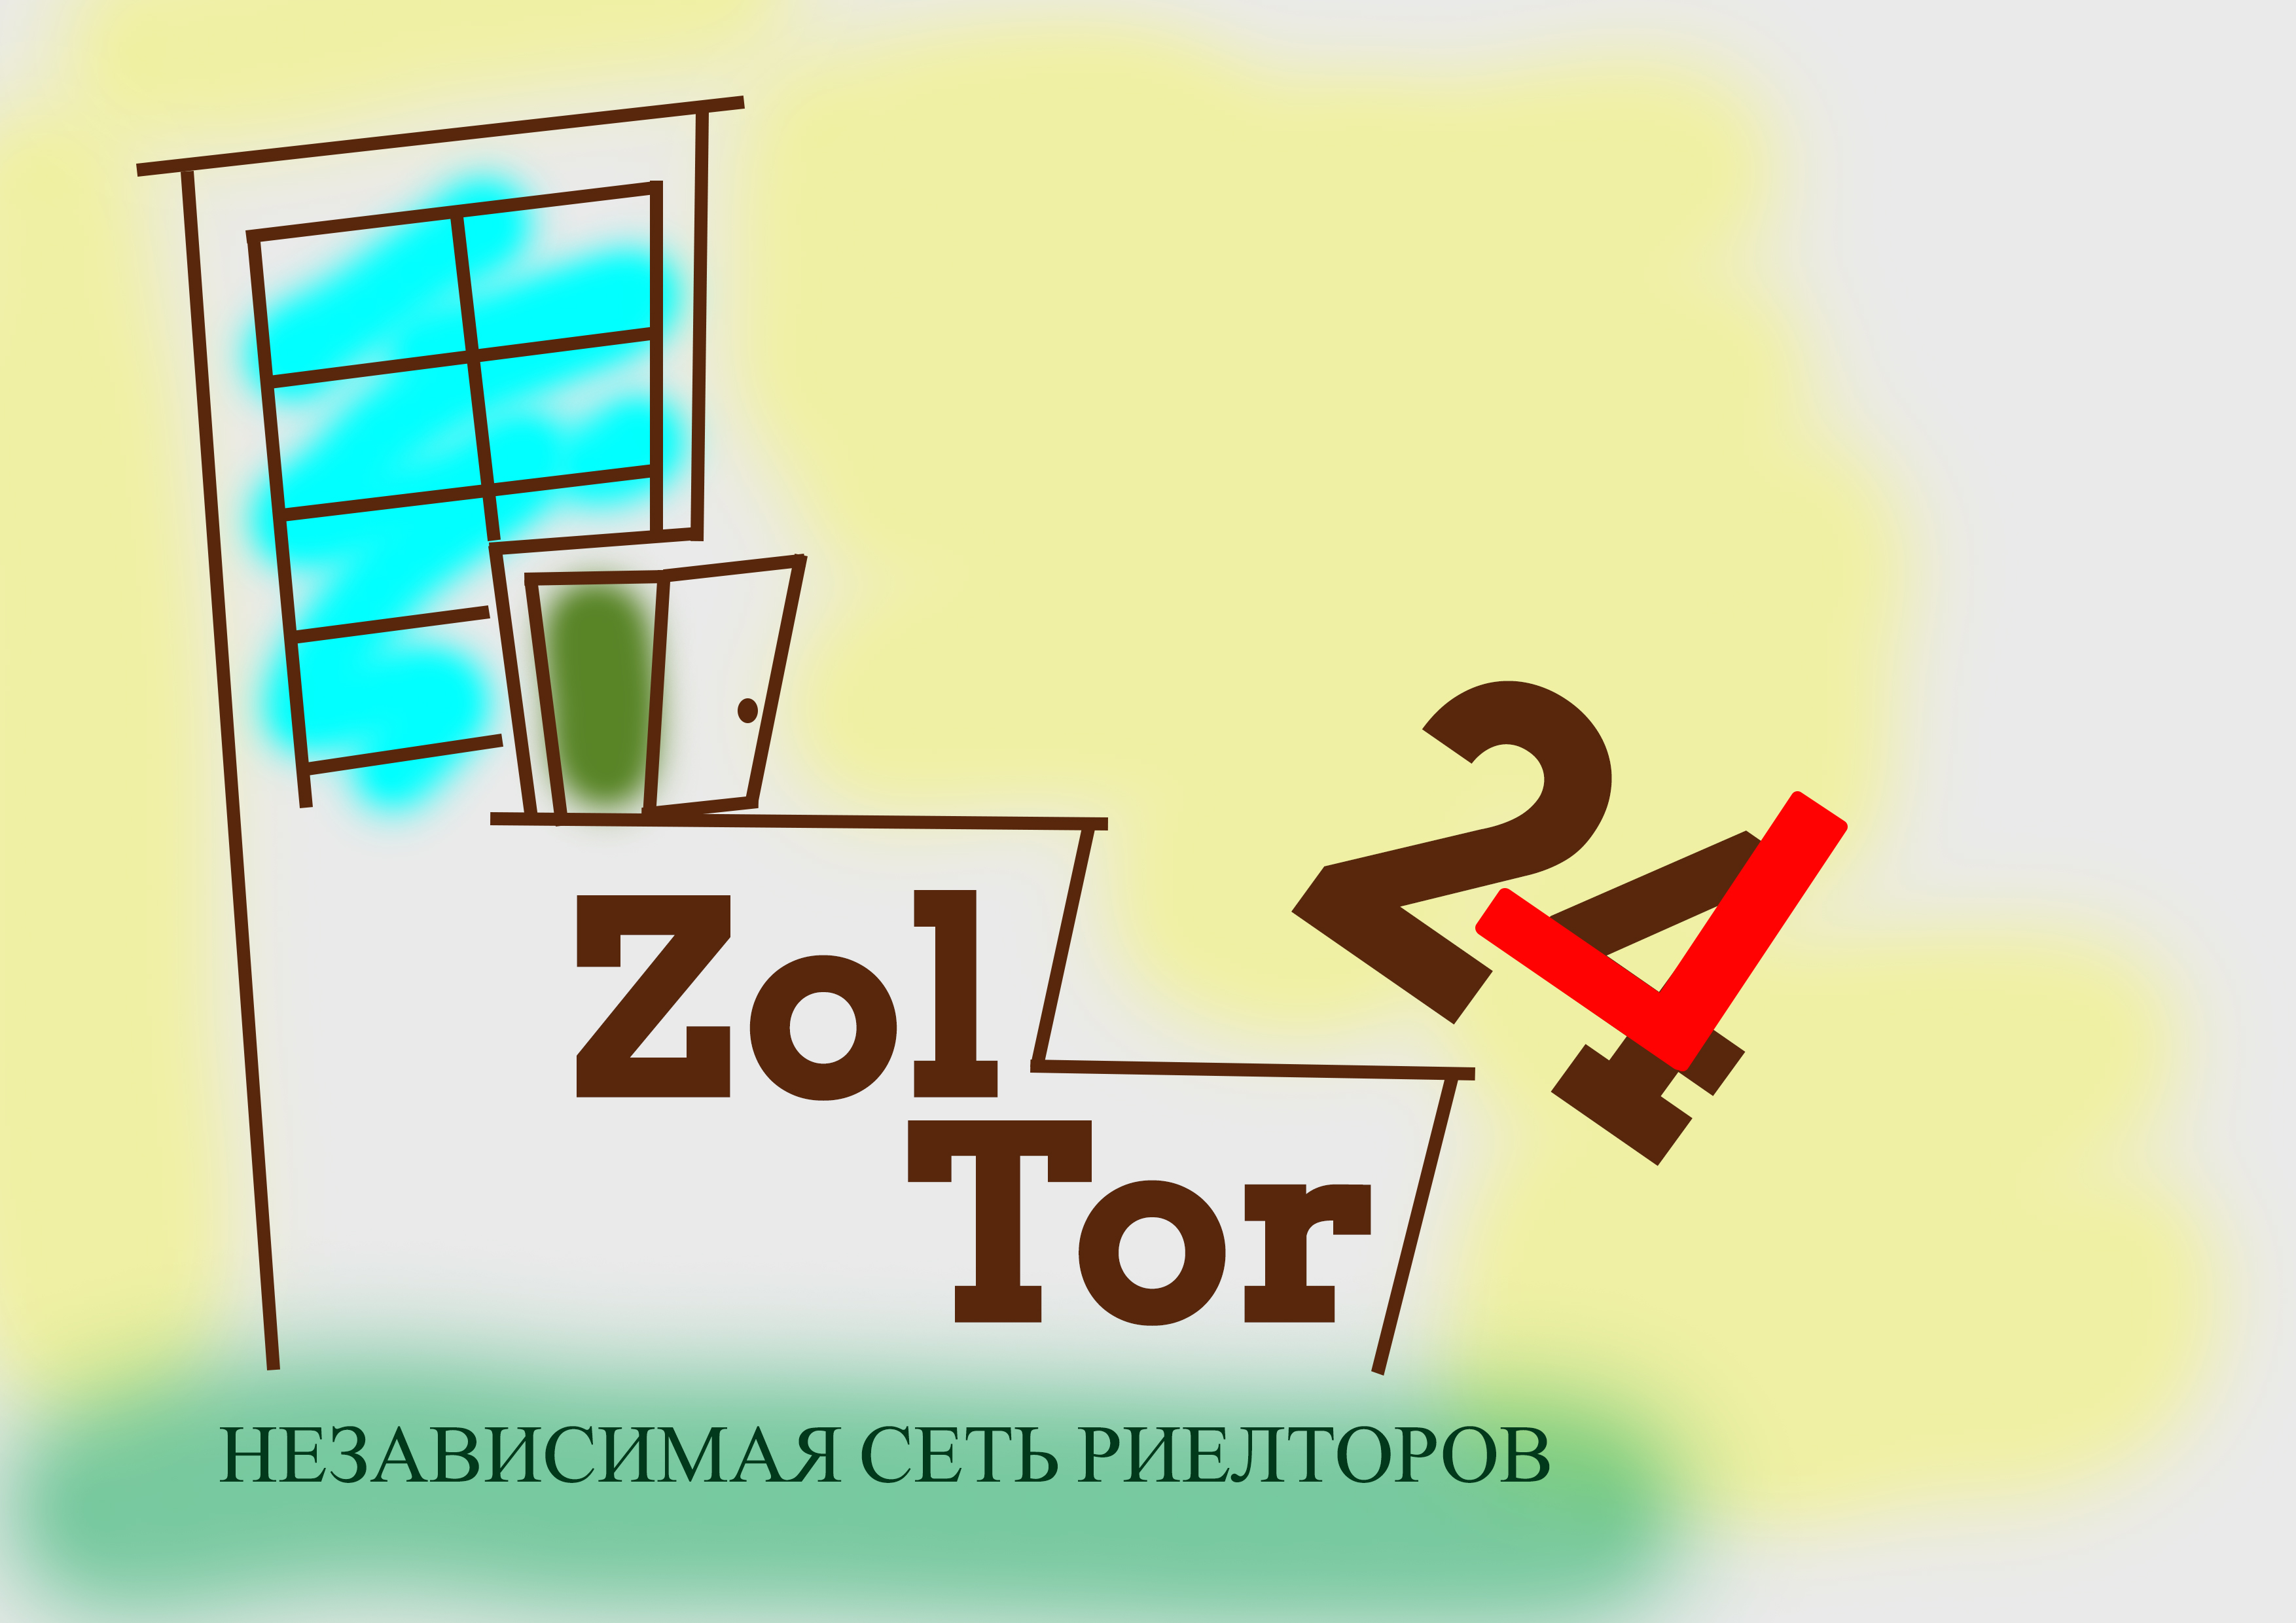 Логотип и фирменный стиль ZolTor24 фото f_2645c8689cdb92b7.jpg